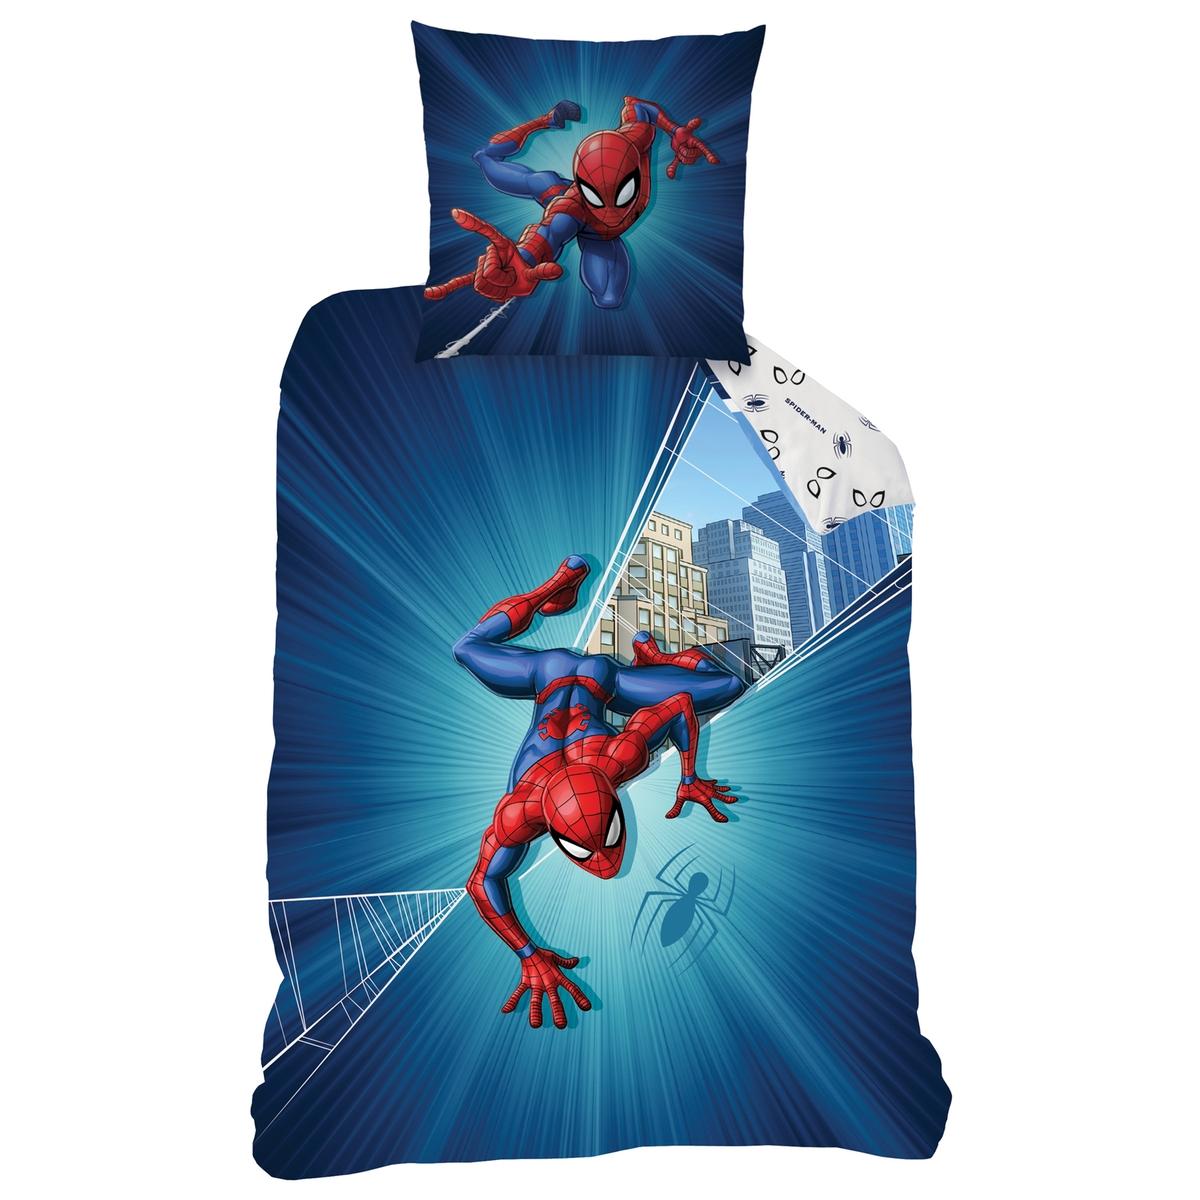 Spiderman Duvet Cover & Pillowcase Bedding Set